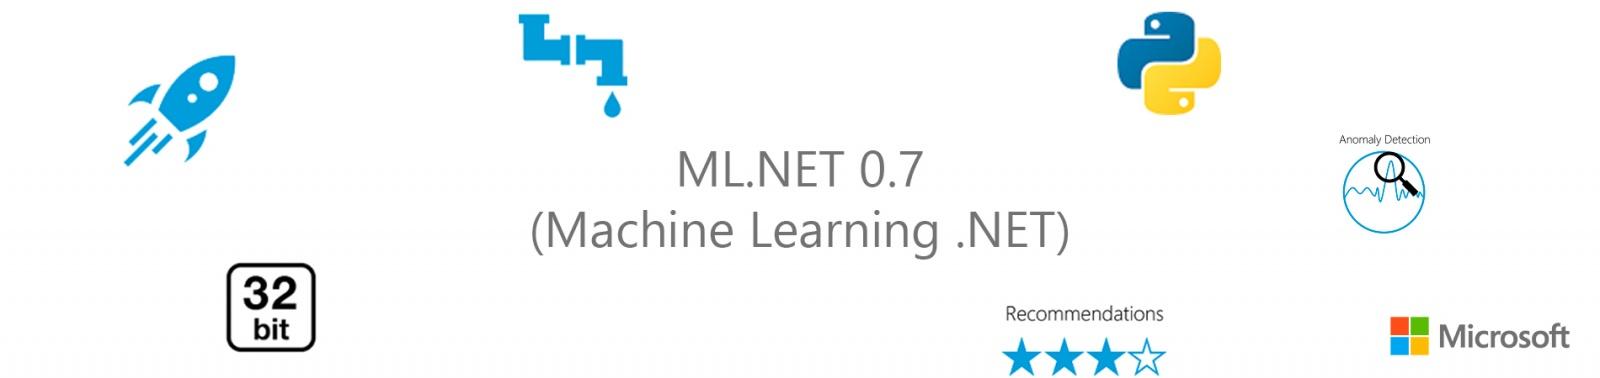 ML.NET 0.7 (Machine Learning .NET) - 1